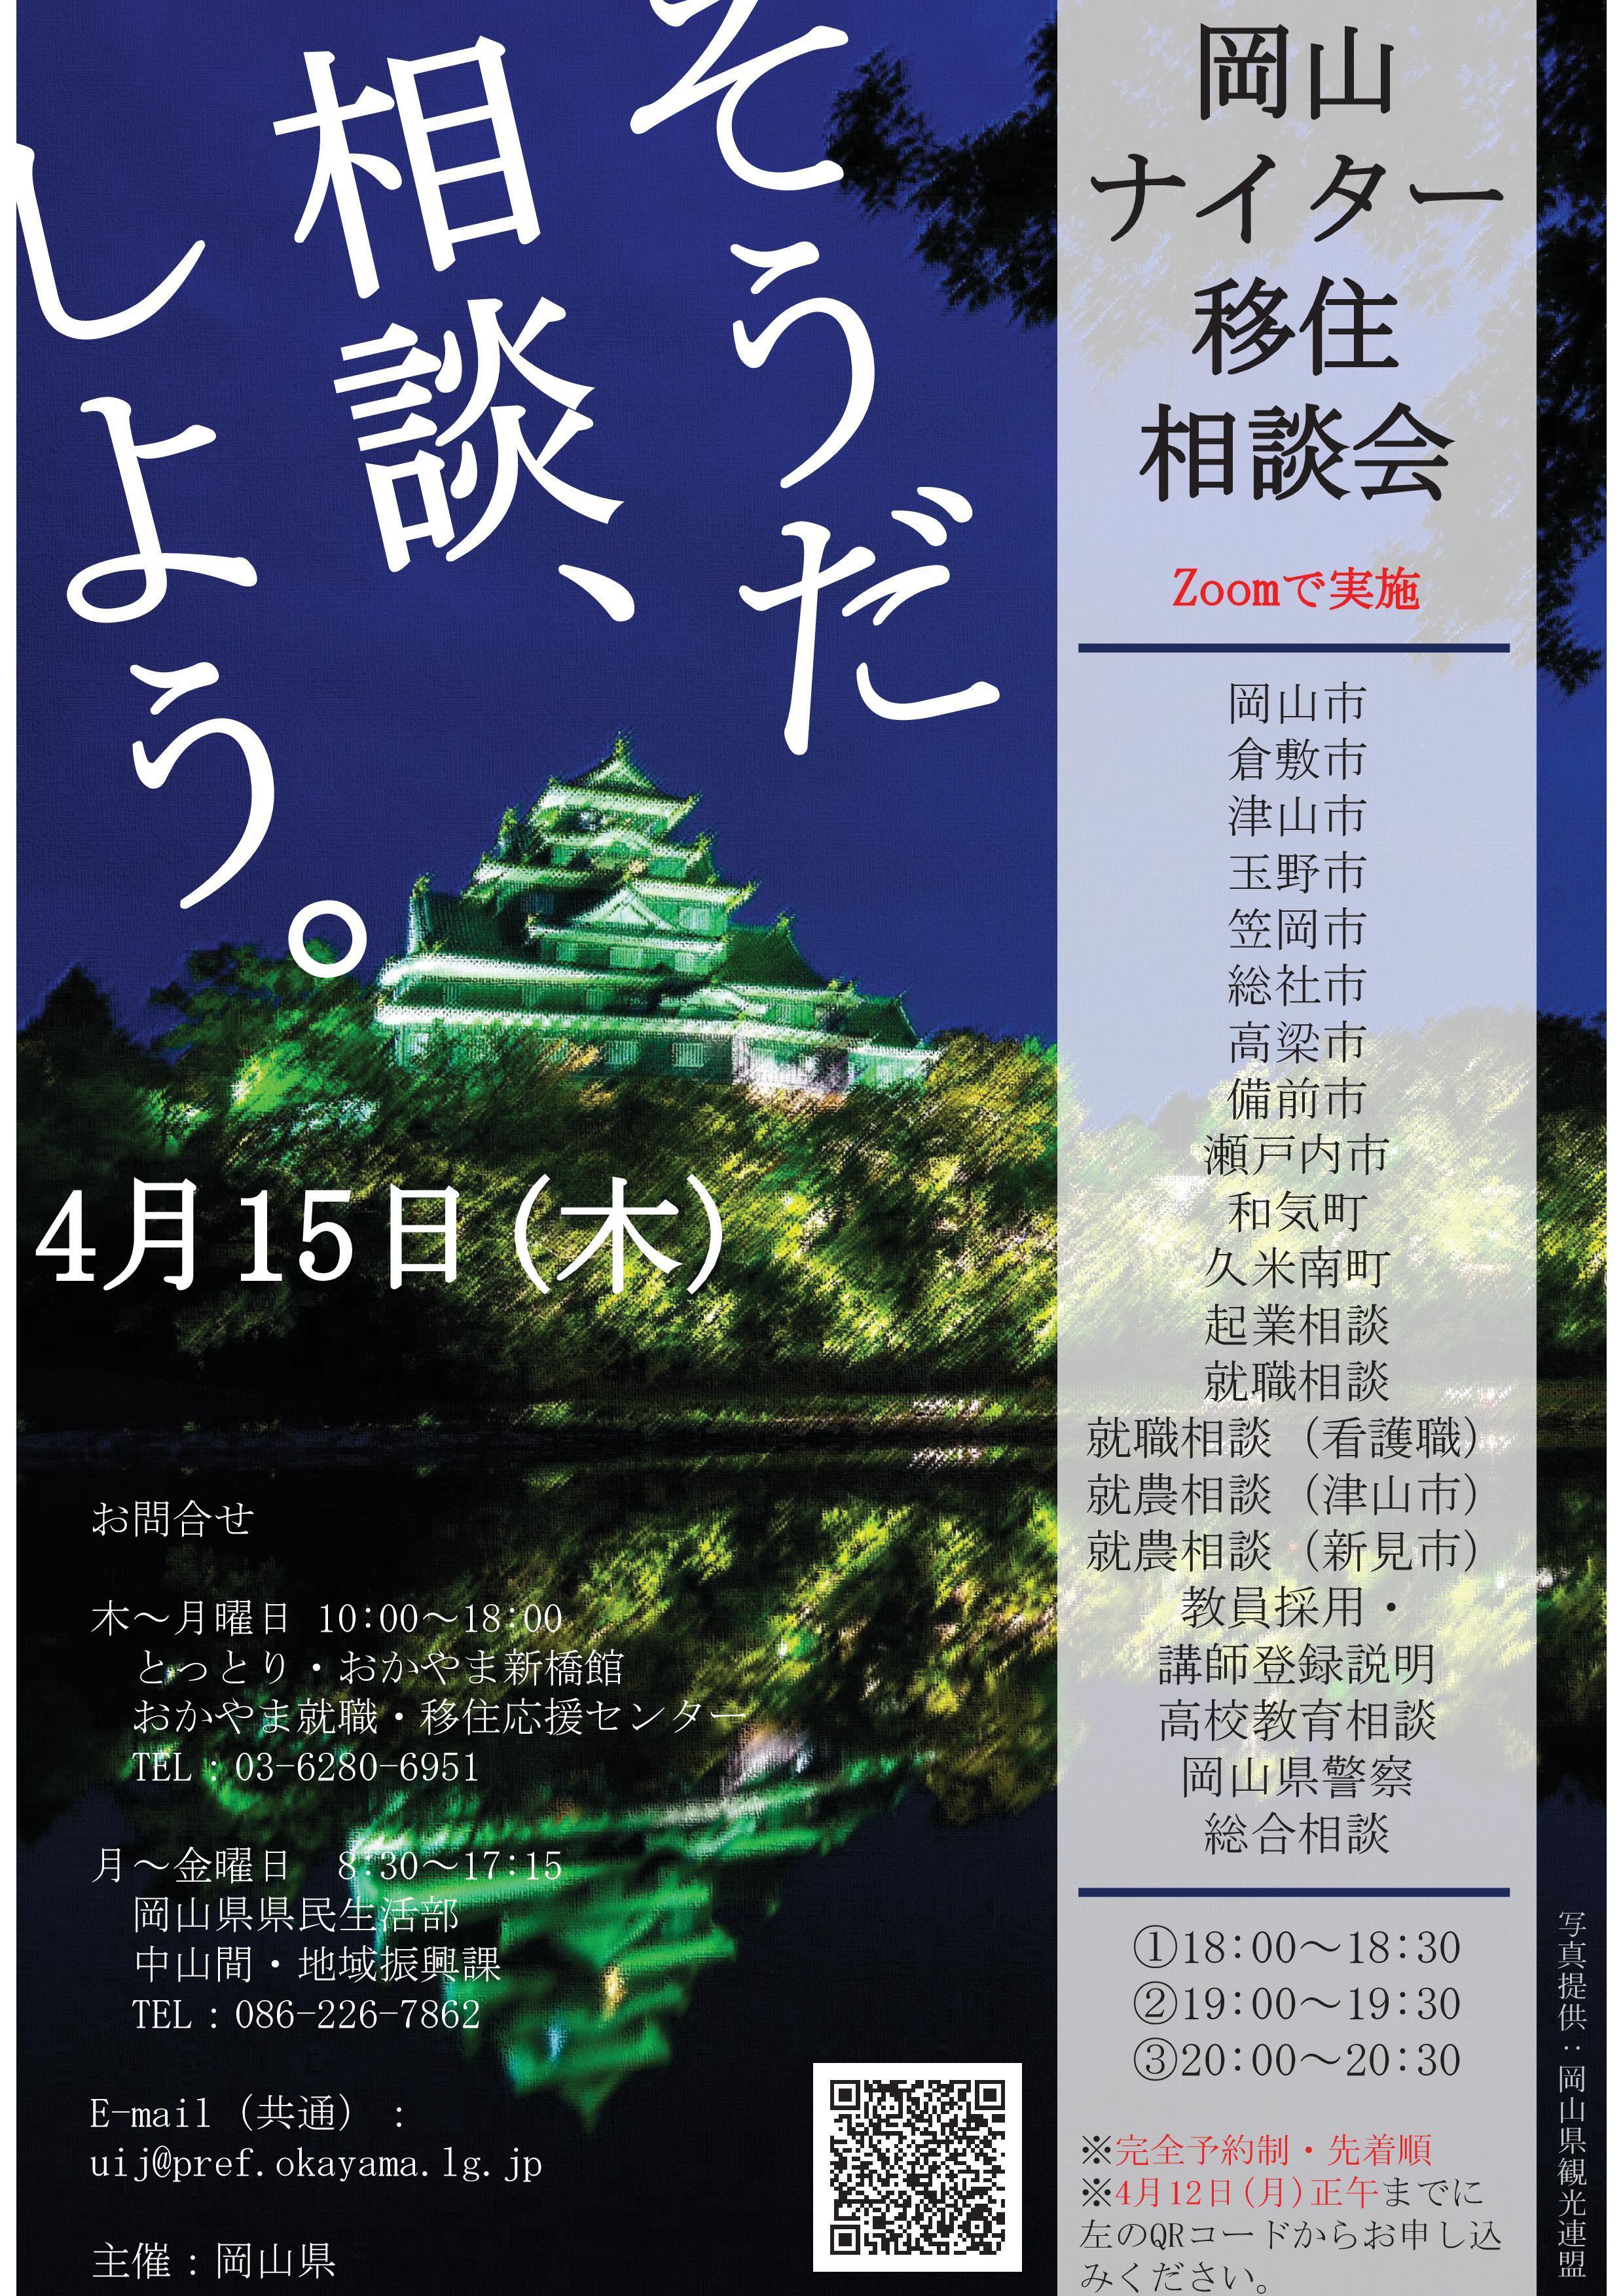 2021年4月15日(木)開催 「岡山ナイター移住相談会」に津山市も参加します